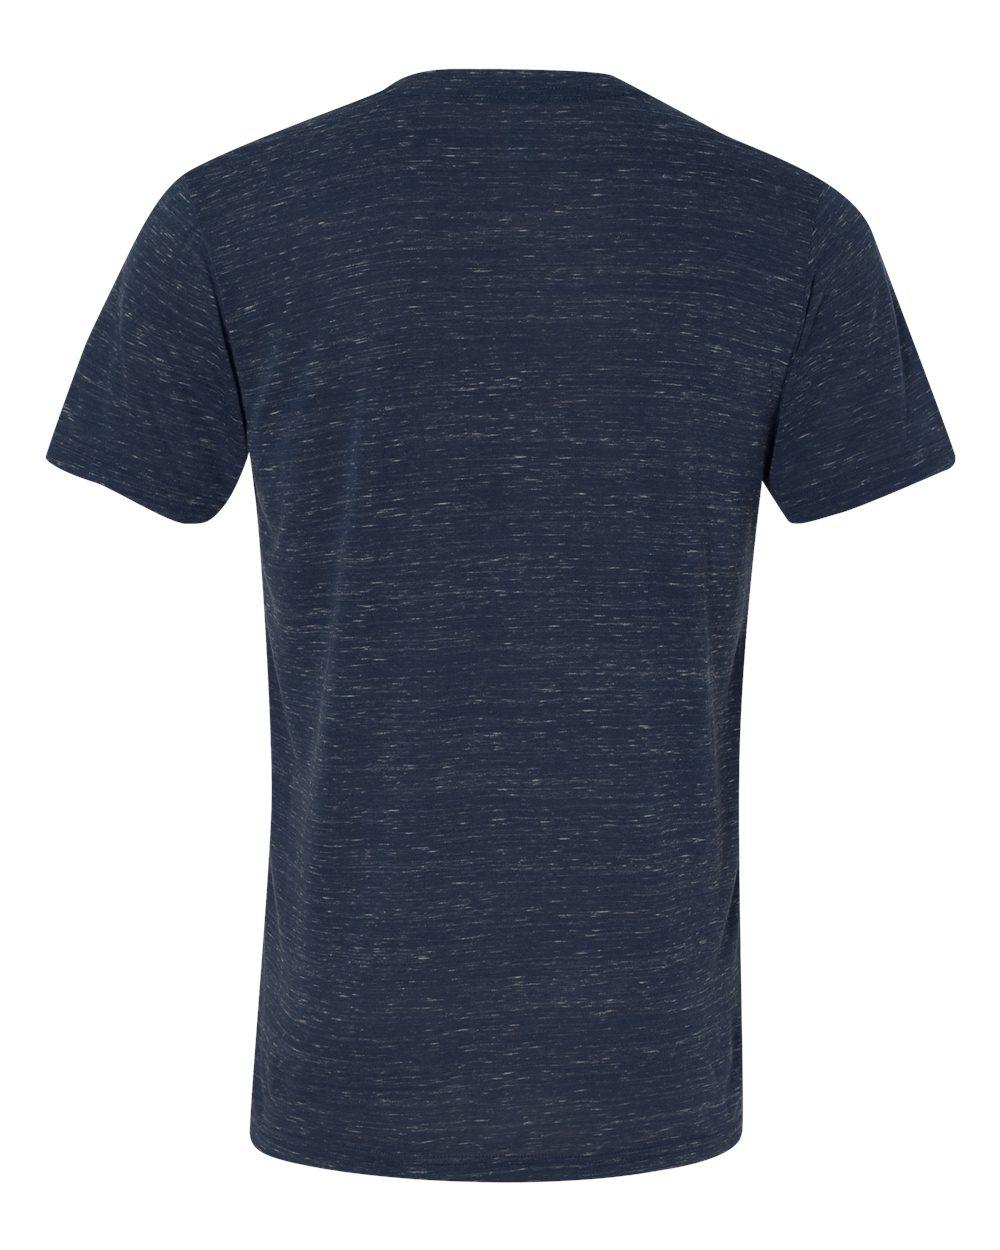 Bella-Canvas-Men-039-s-Jersey-Short-Sleeve-V-Neck-T-Shirt-3005-XS-3XL thumbnail 92